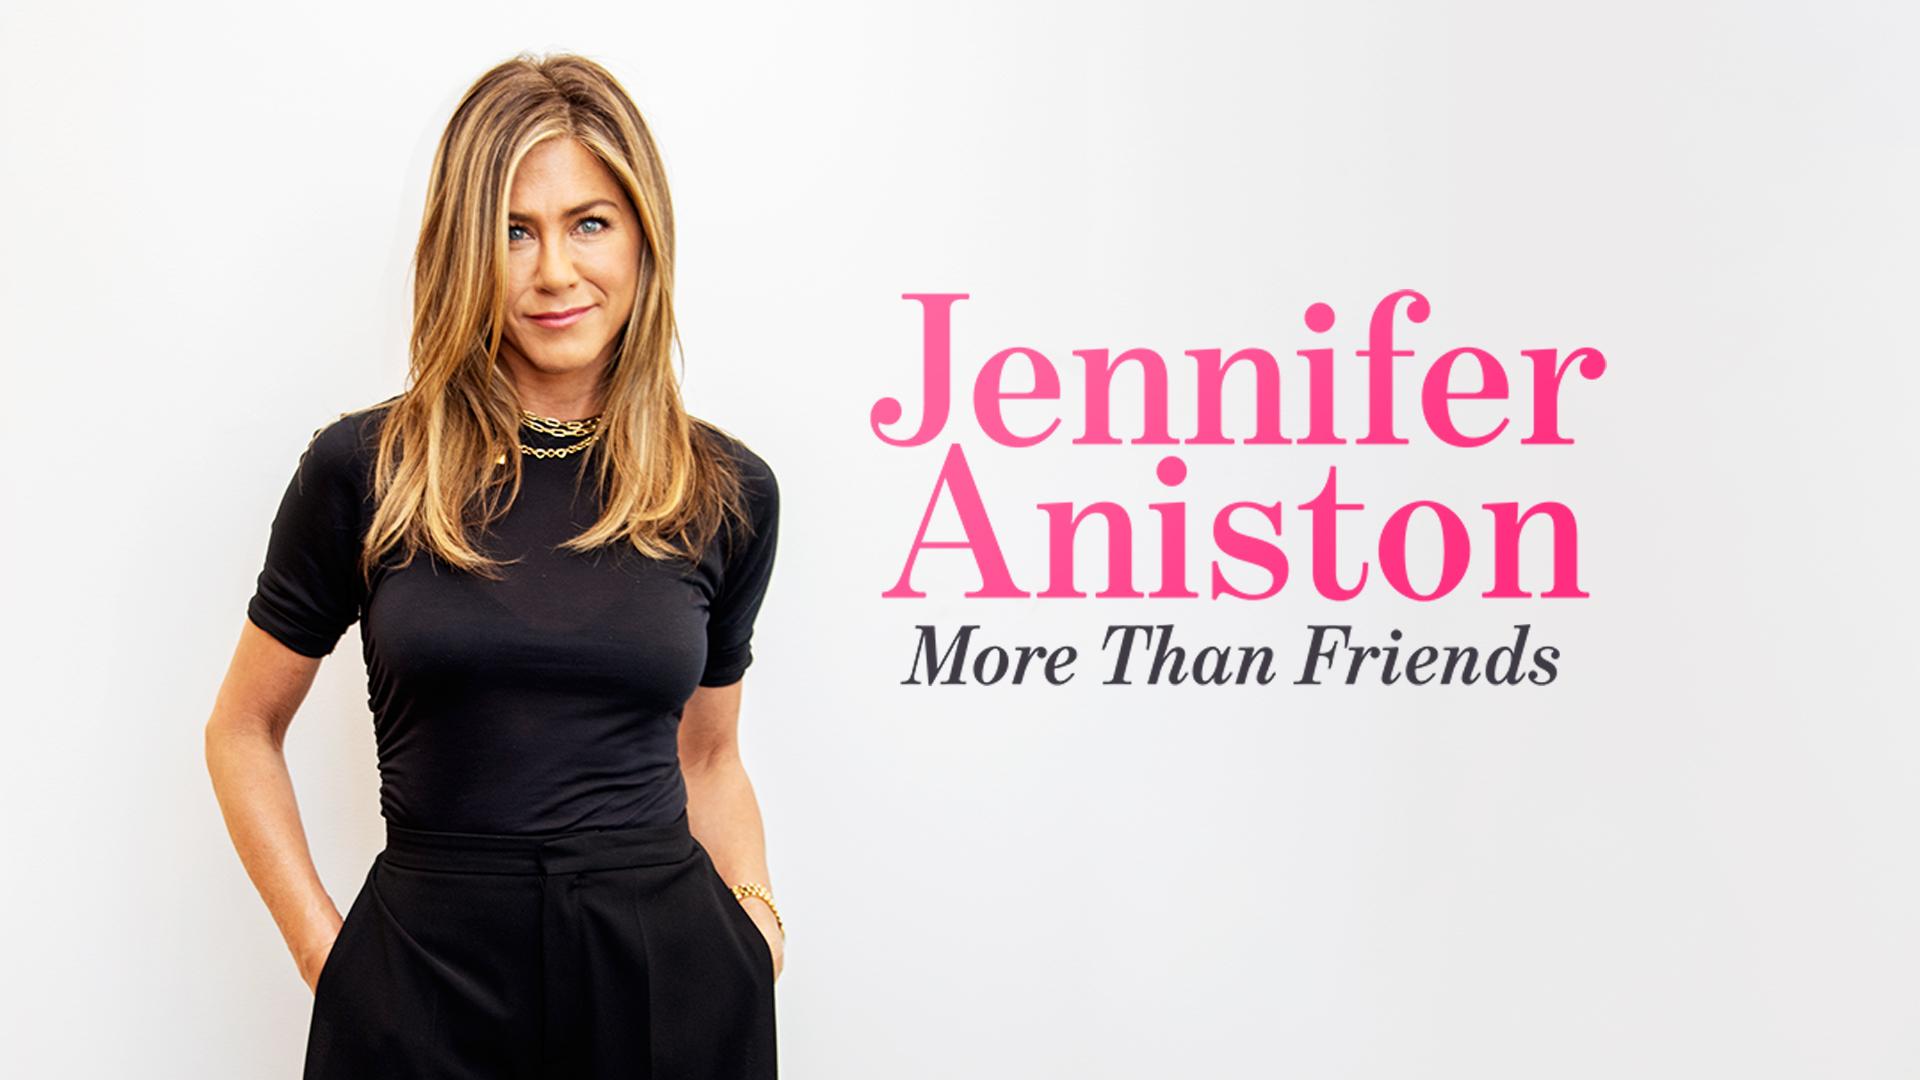 """جنيفر أنيستون وفيلم """"أكثر من مجرد أصدقاء"""""""